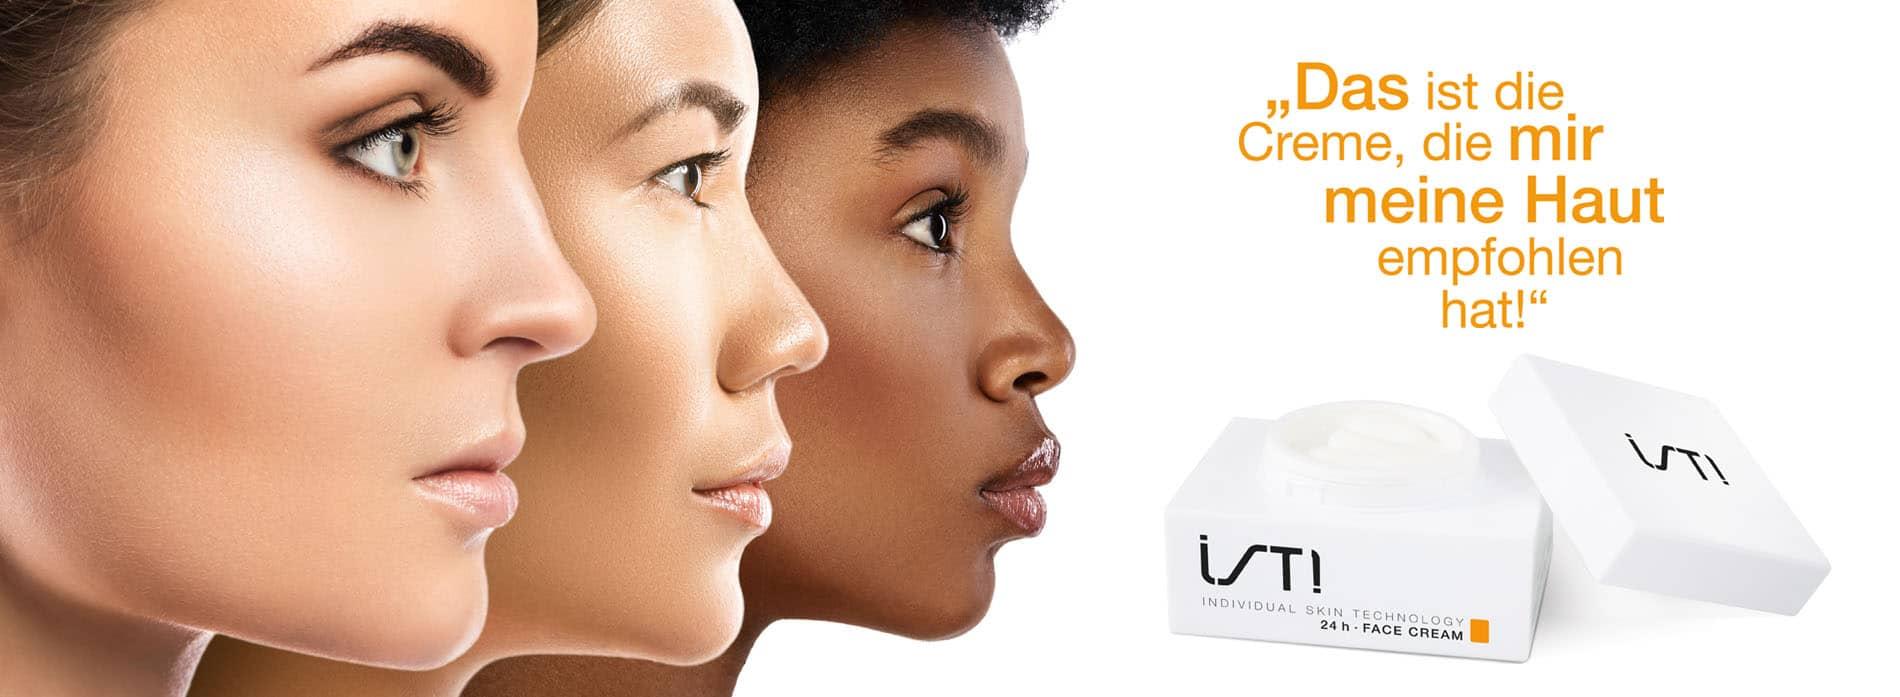 Individuelle und personalisierte Hautcreme